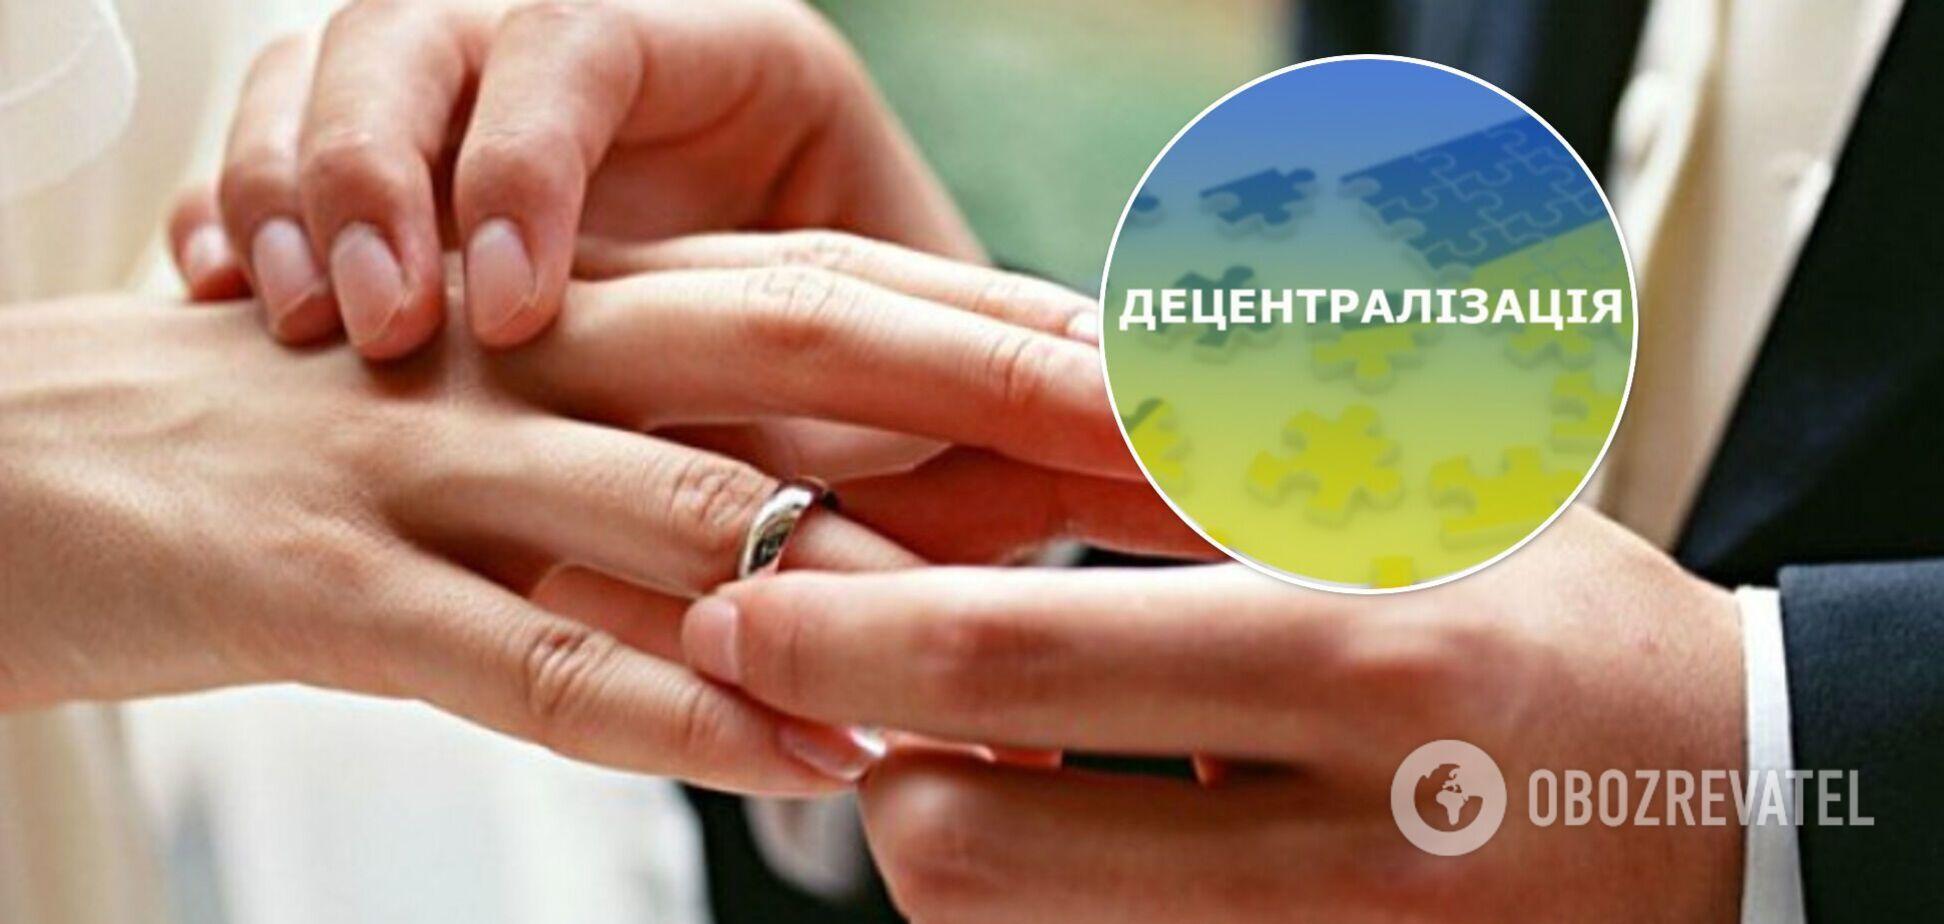 Украинцам решили упростить процедуру регистрации брака: что изменится